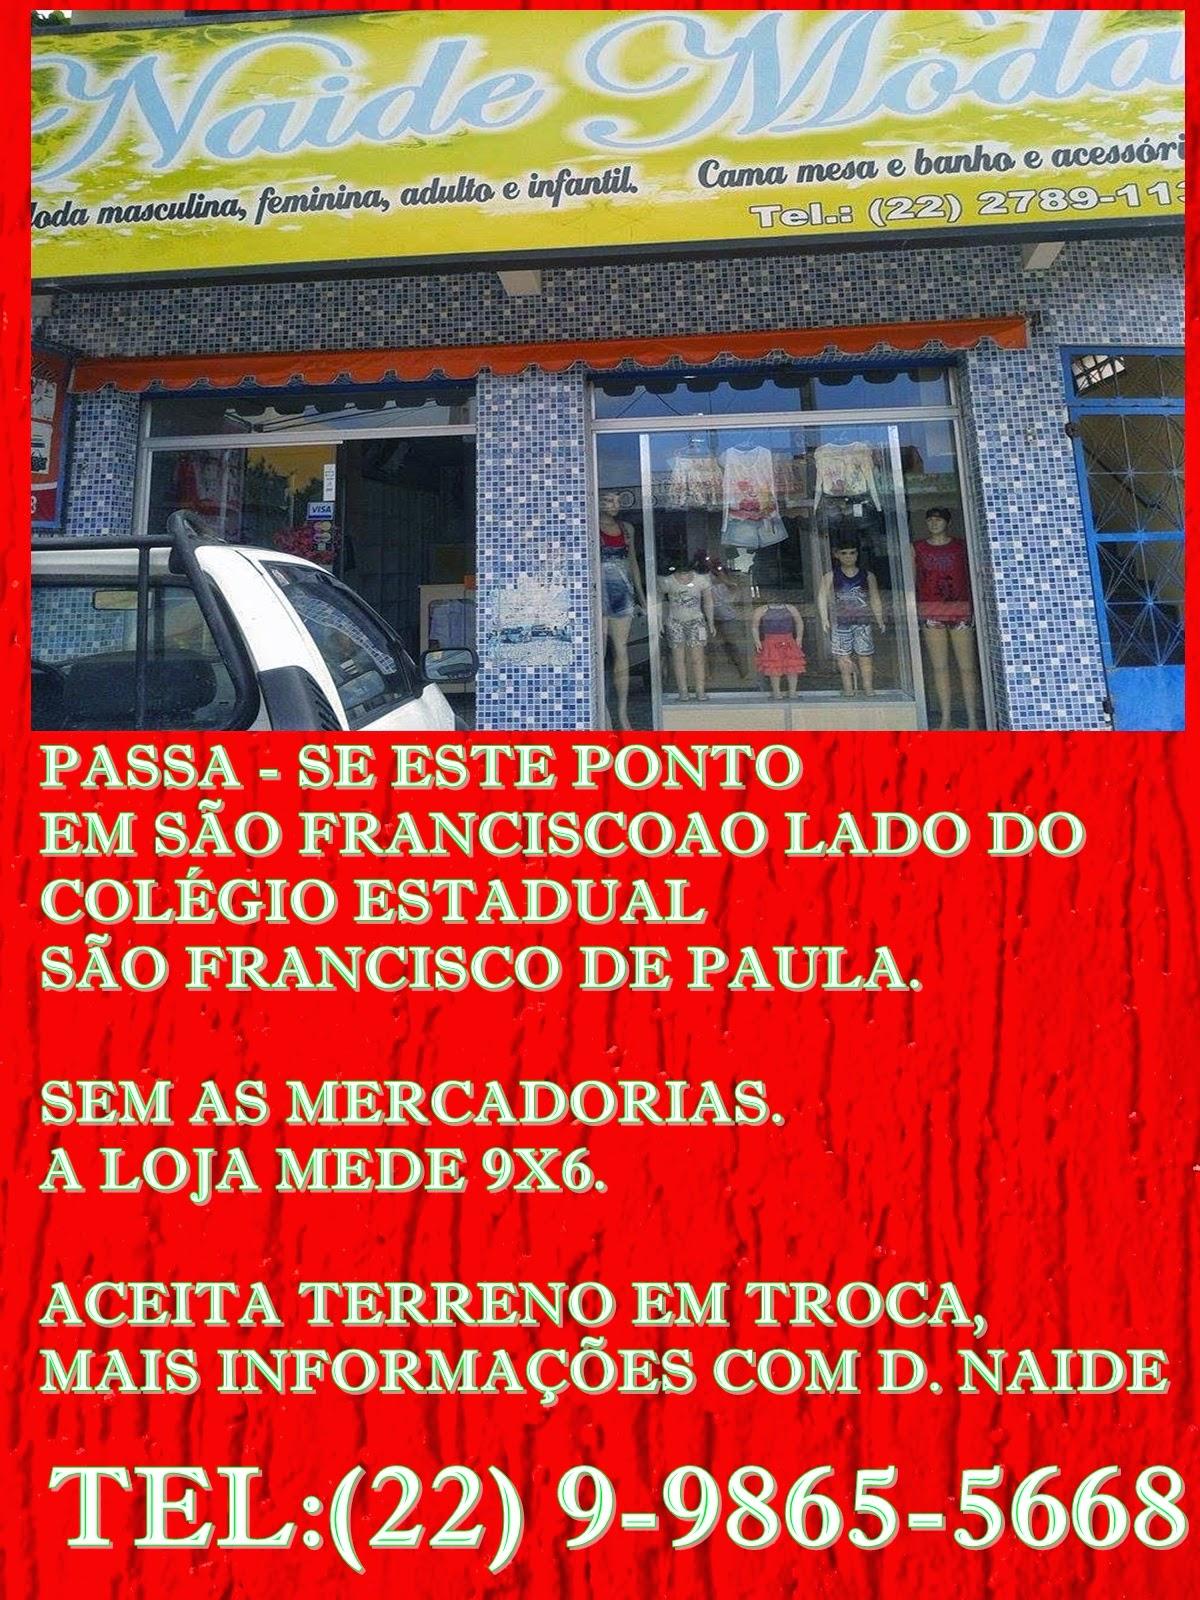 PASSANDO OU TROCANDO ESTE PONTO COMERCIAL